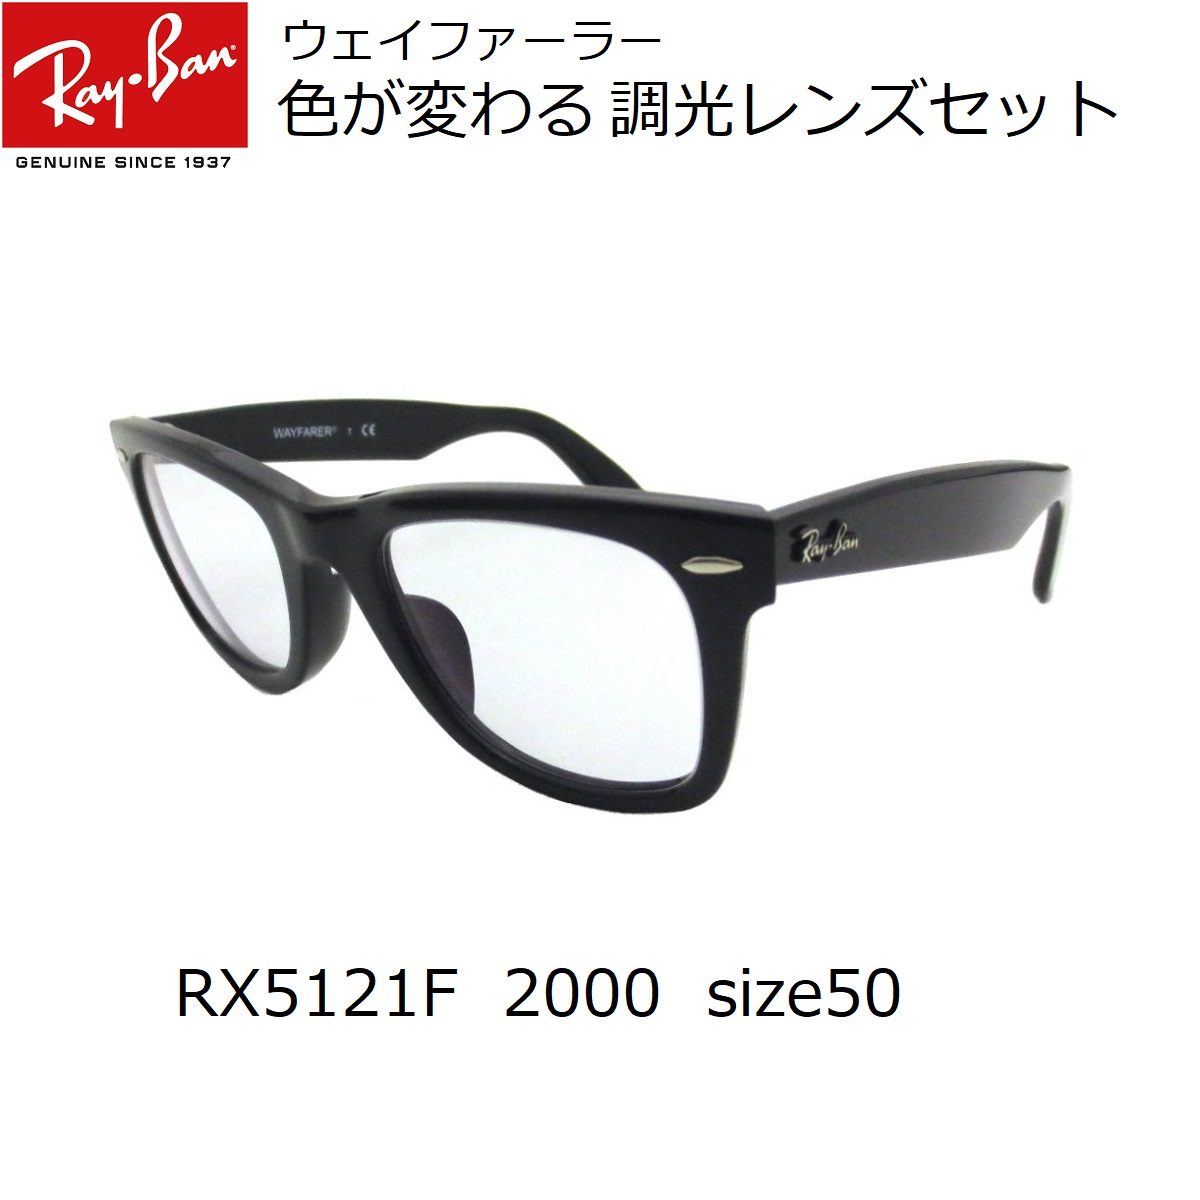 あす楽対応・色が変わる調光レンズ付 レイバン メガネ Ray-Ban RX5121F 2000(50)ウェイファーラー【色が変わる調光レンズ付 調光メガネセット】(調光レンズ 調光サングラス)WAYFARERクロセルフレーム メンズ 男女兼用